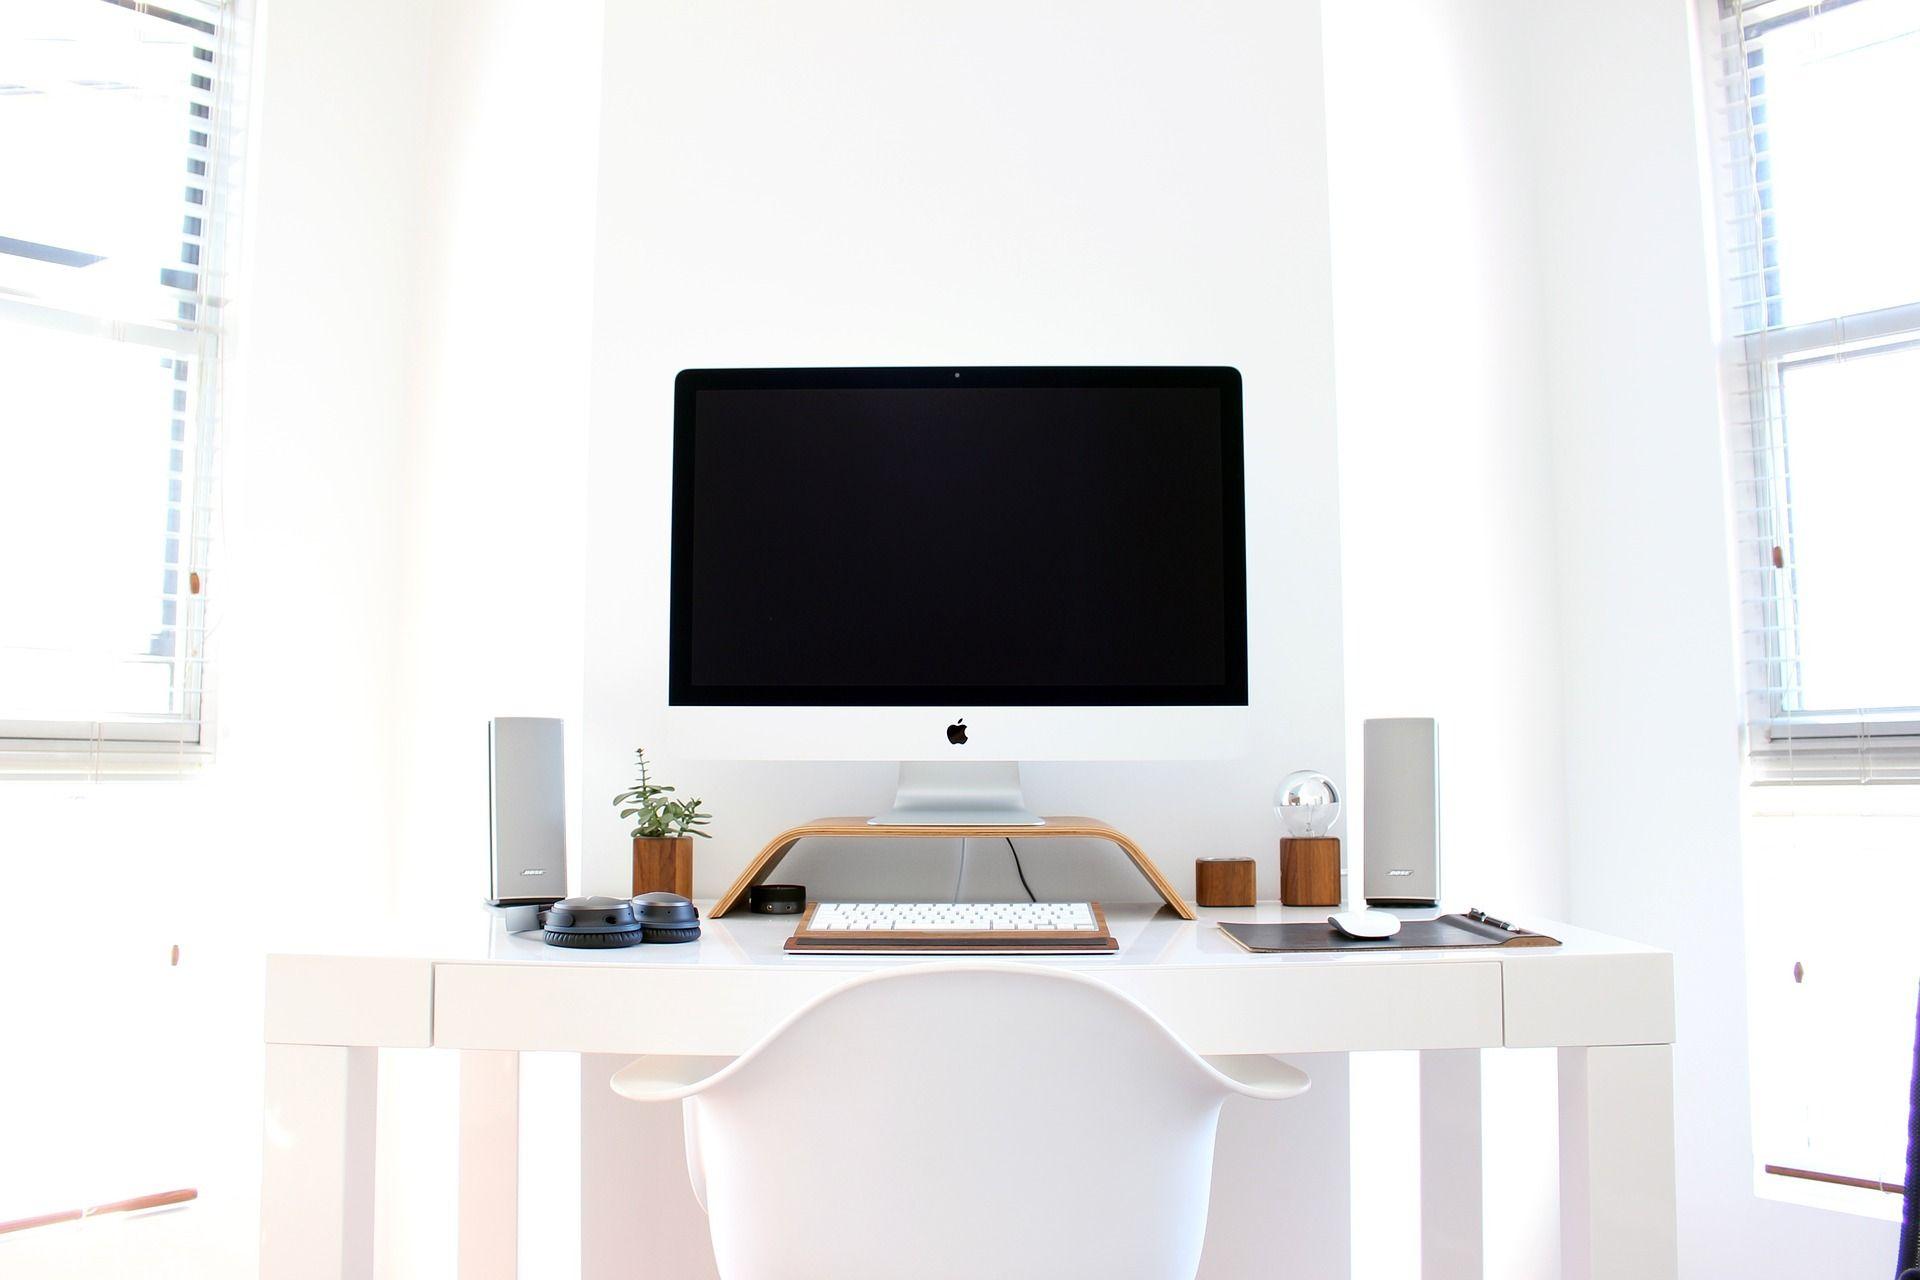 Silla de ofiicna blanca en un despacho